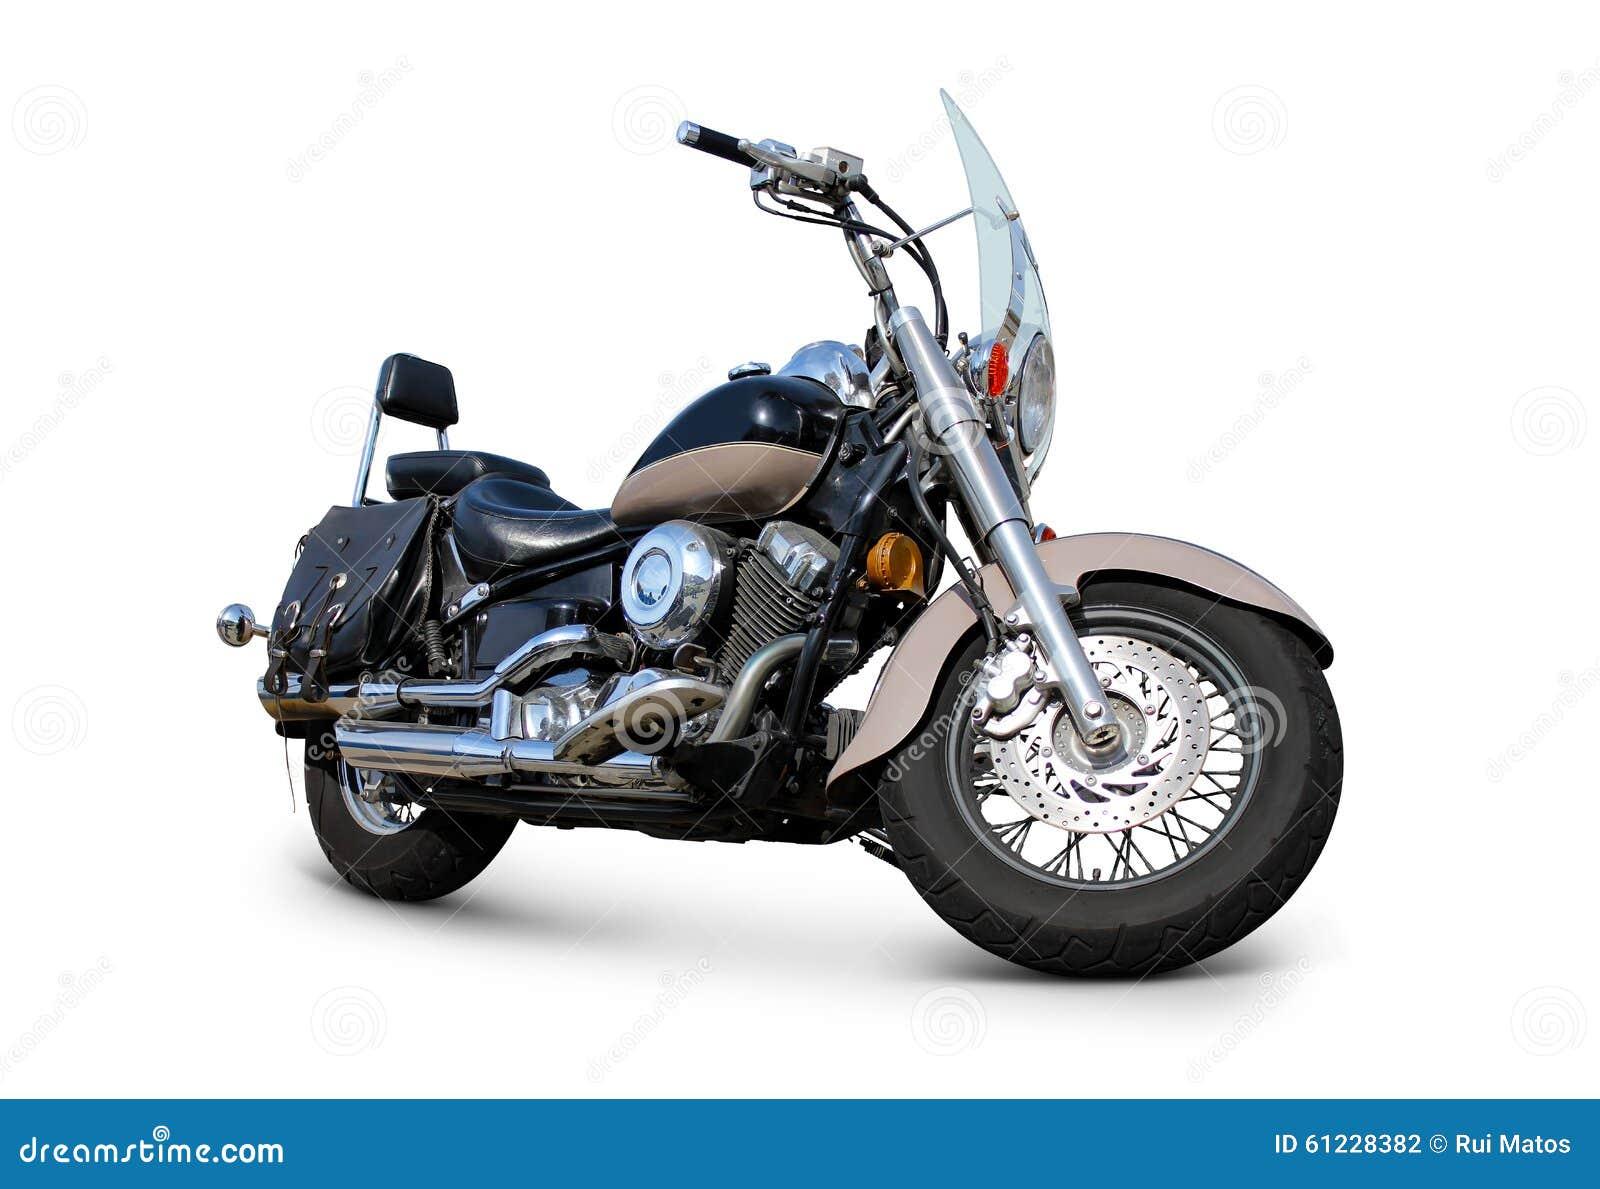 Μοτοσικλέτα την μπροστινή άποψη ανεμοφρακτών που απομονώνεται με στο λευκό